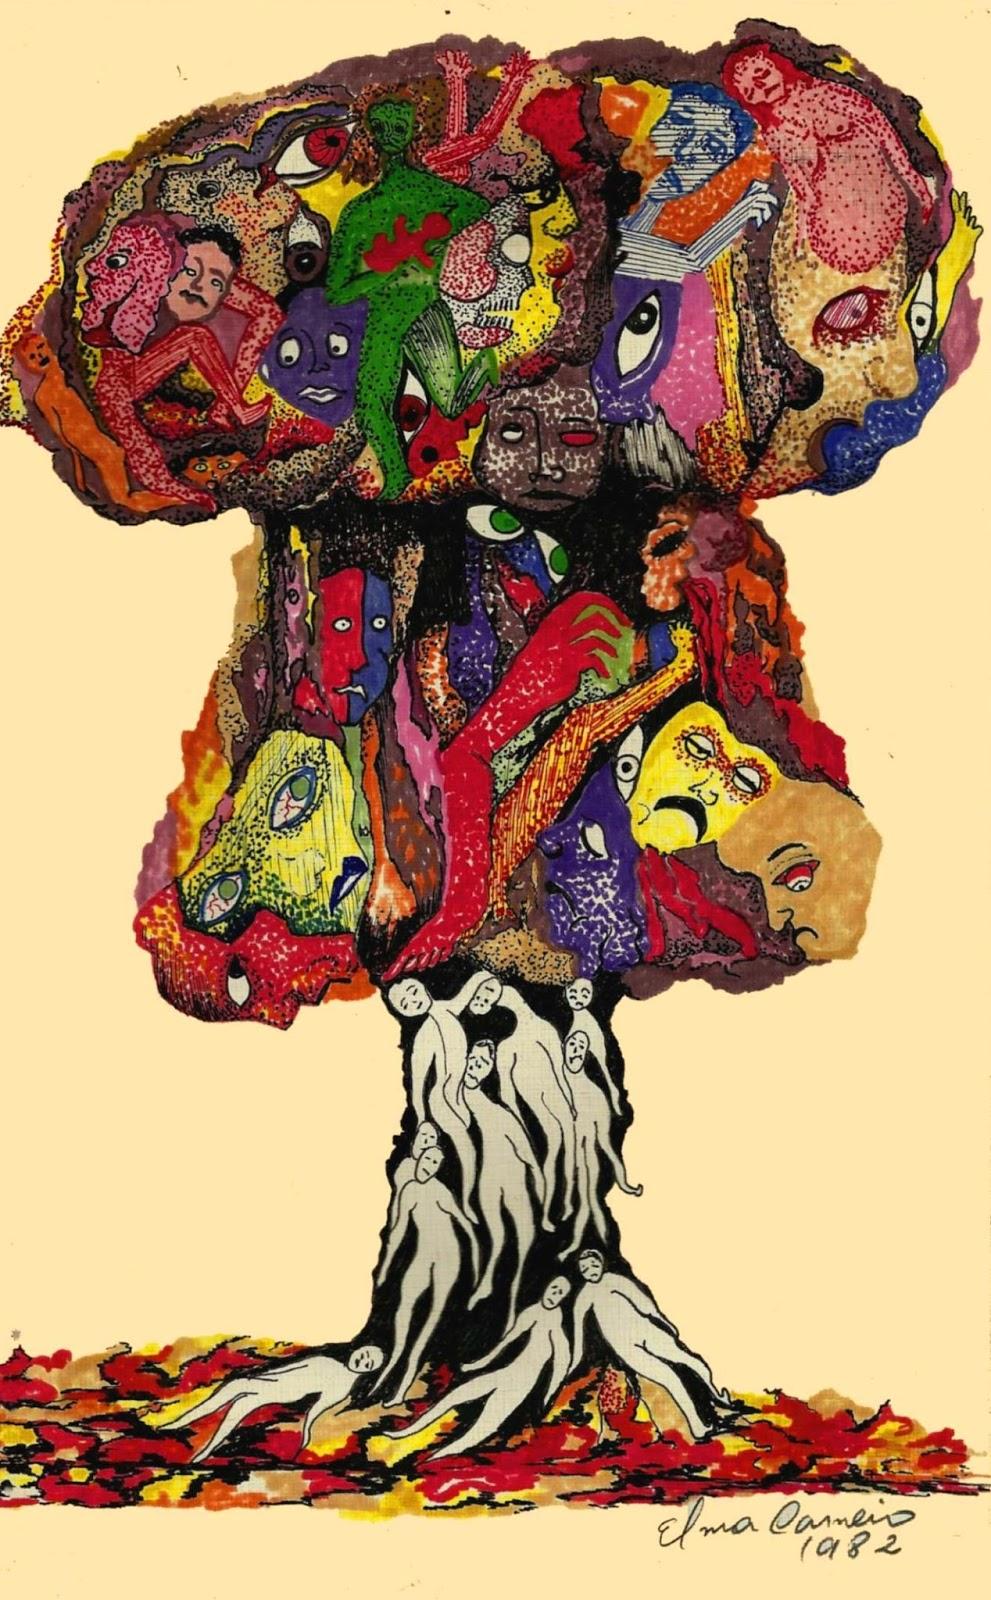 Desenho de Elma Carneiro  com canetas hidrográficas, bomba atômica, desintegração do ser humano